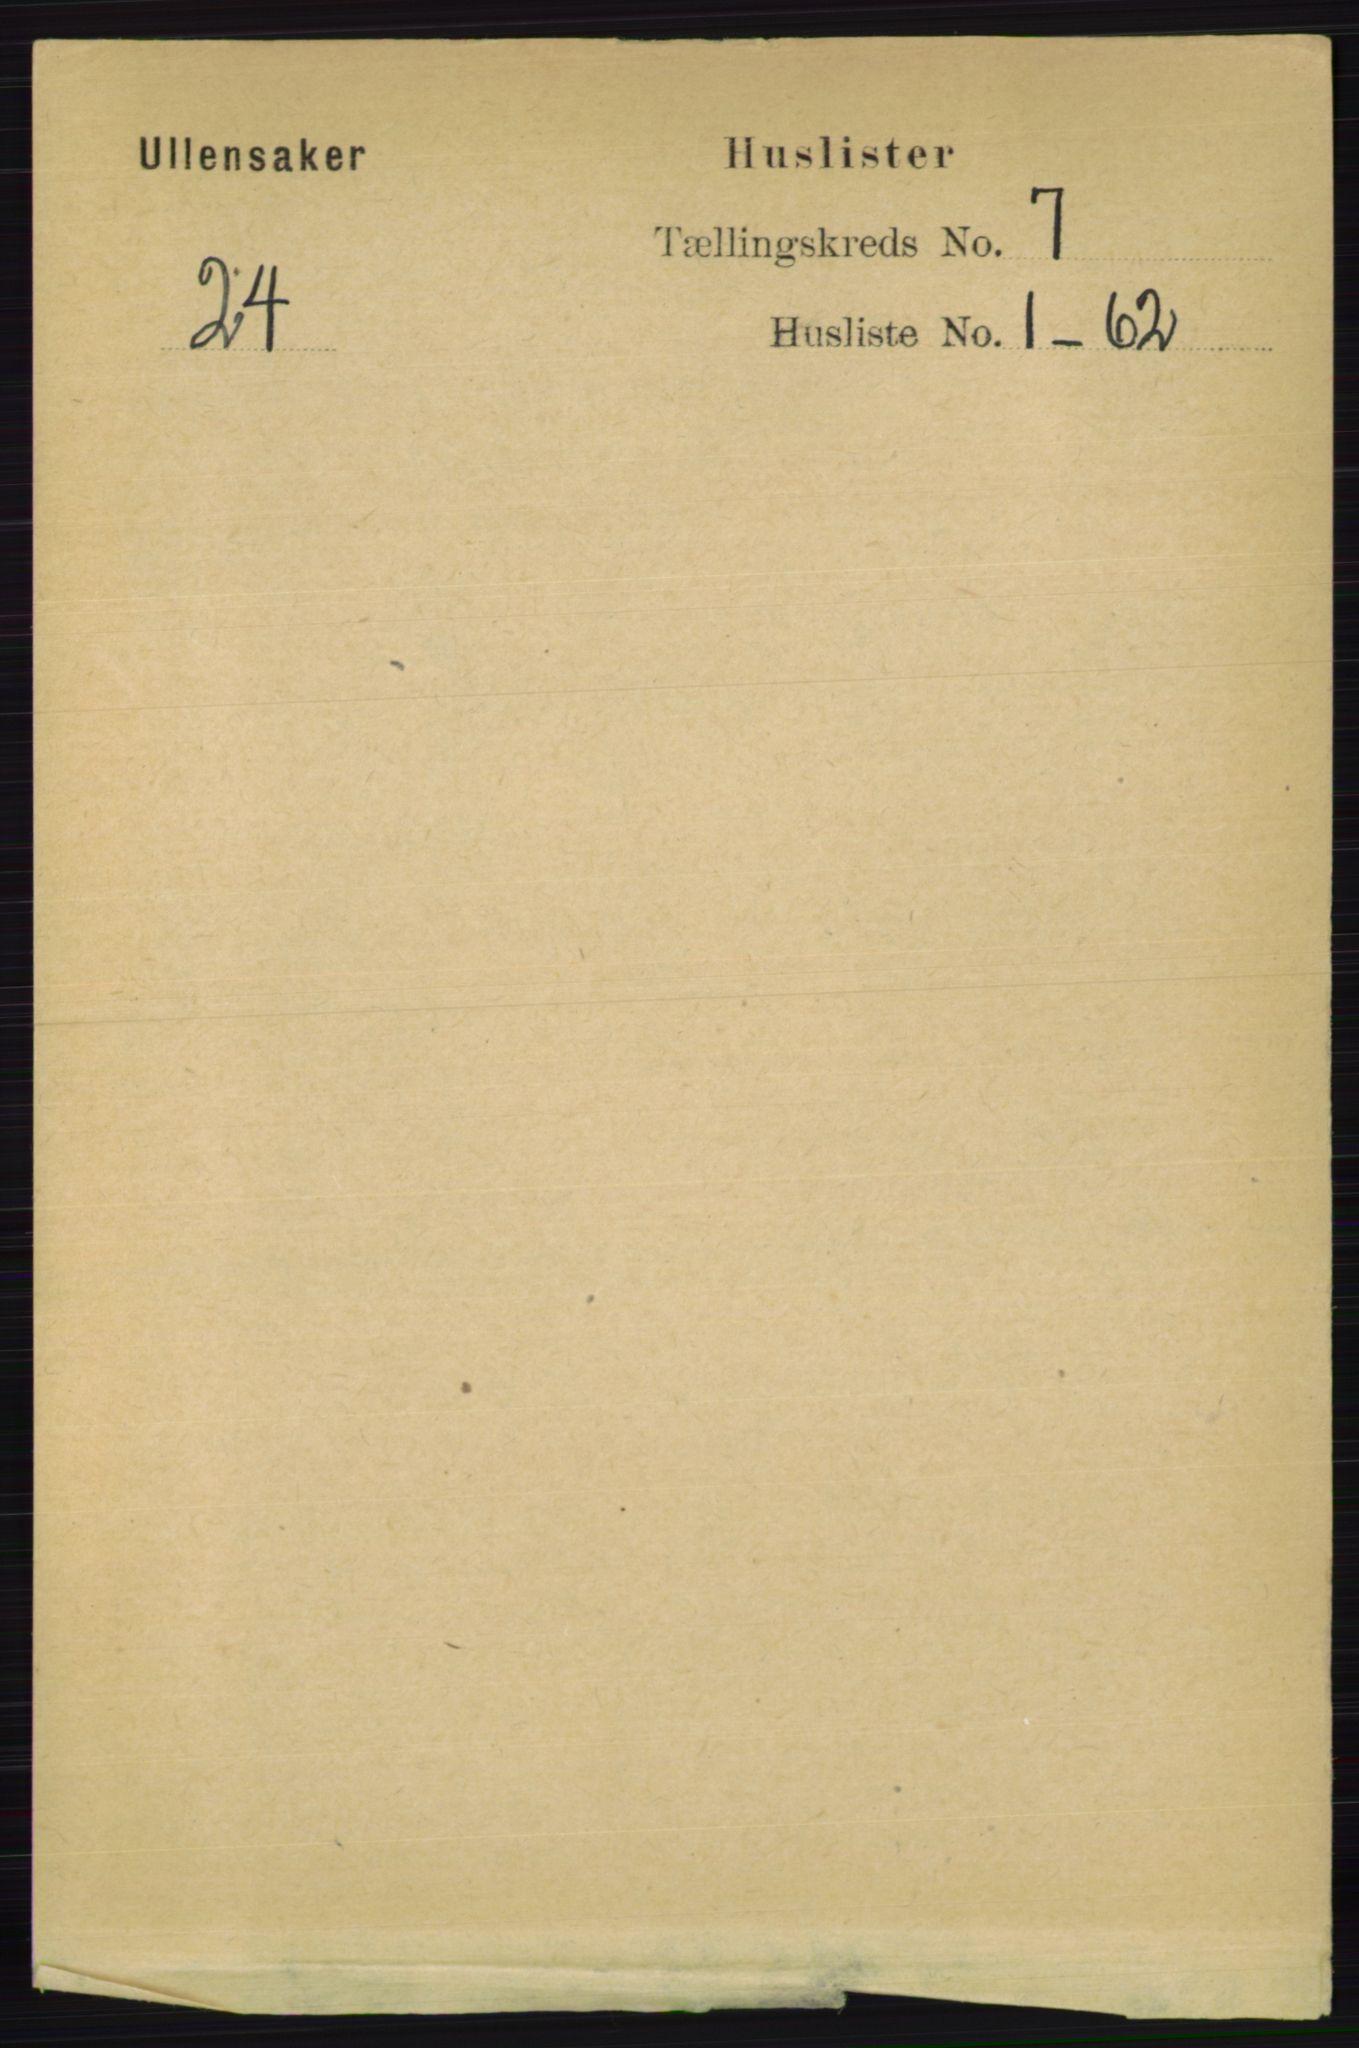 RA, Folketelling 1891 for 0235 Ullensaker herred, 1891, s. 3001